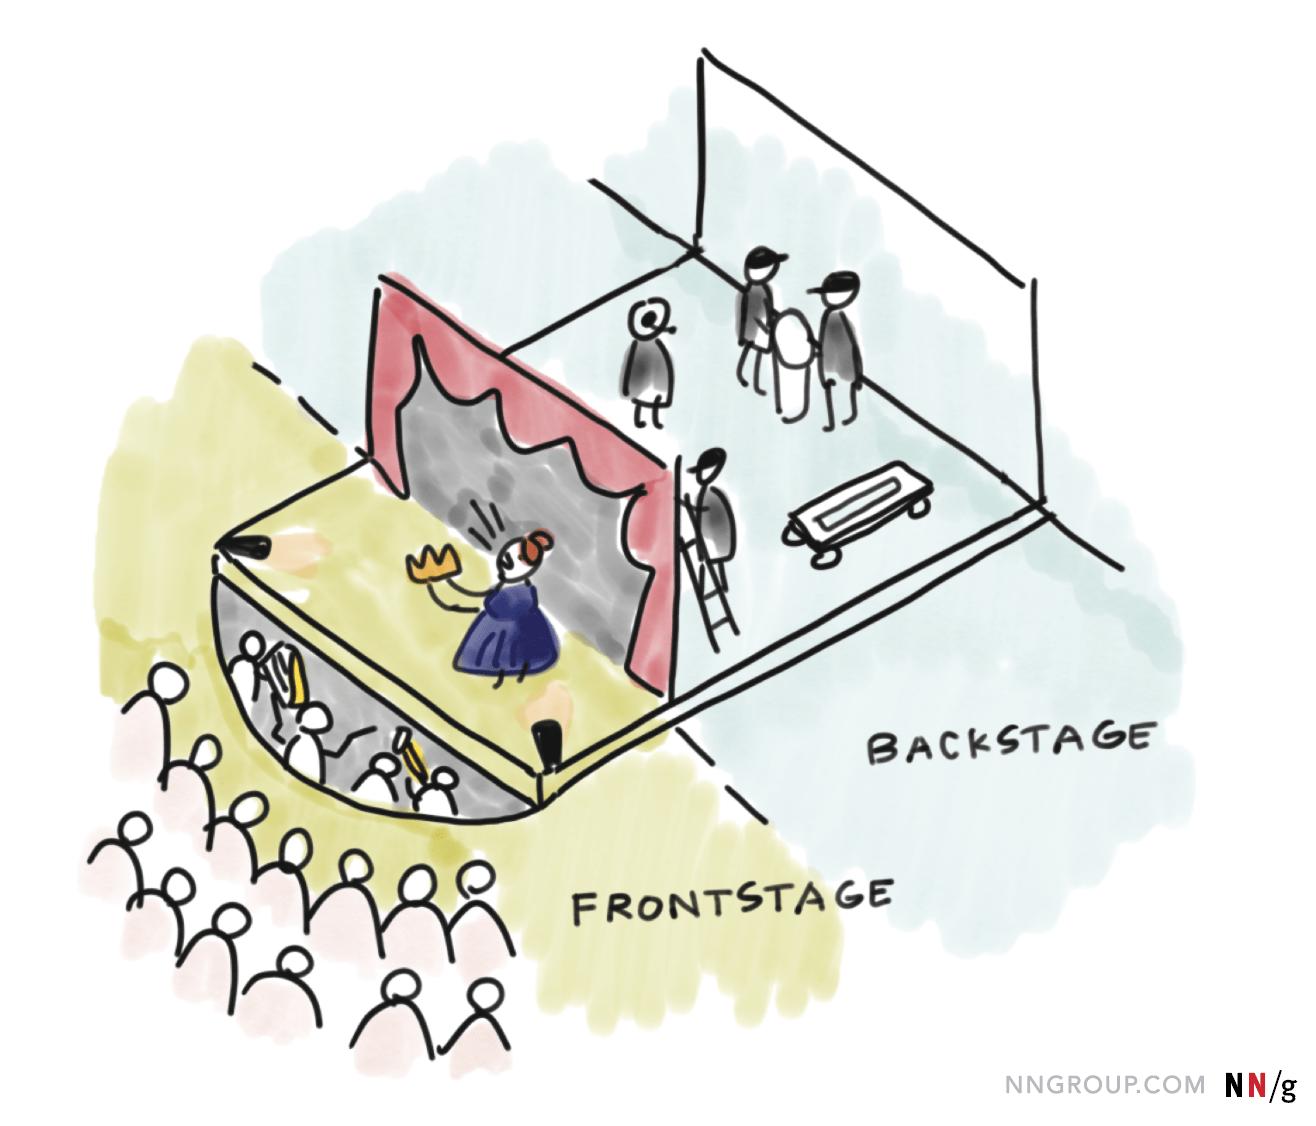 front og backstage